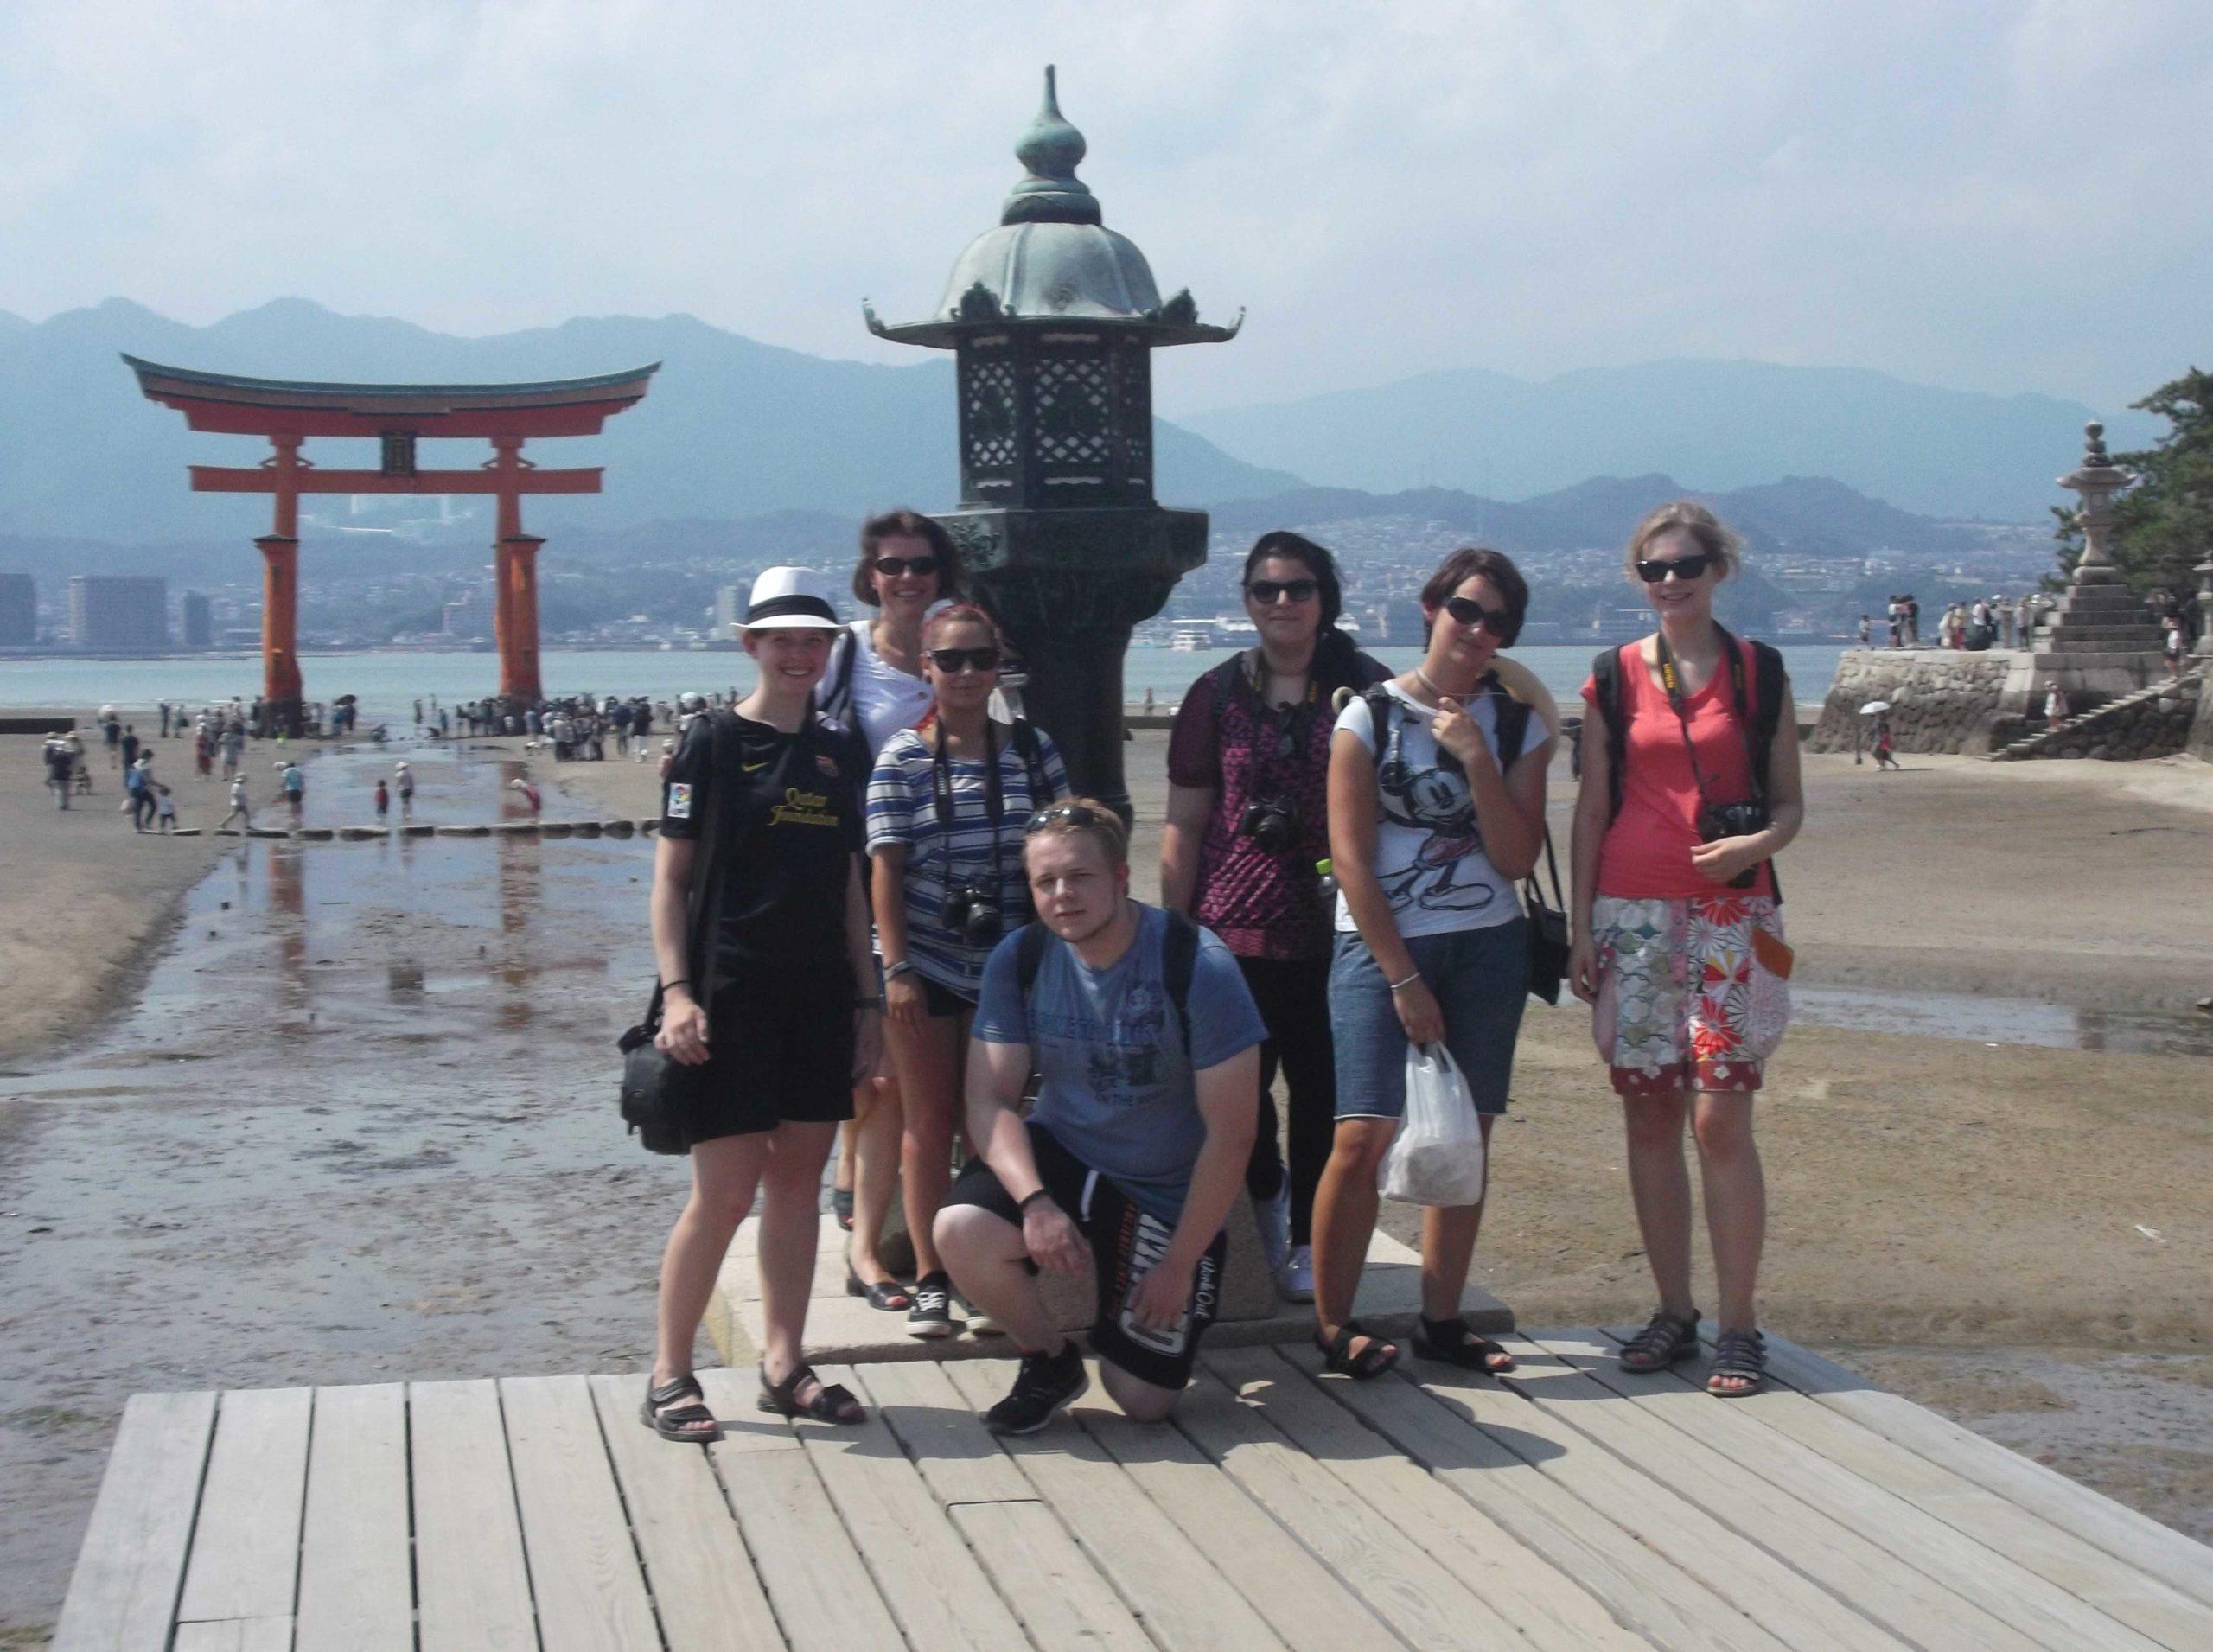 GymRo_Japanisch_AG_Japan&Korea_Reise_2013_2